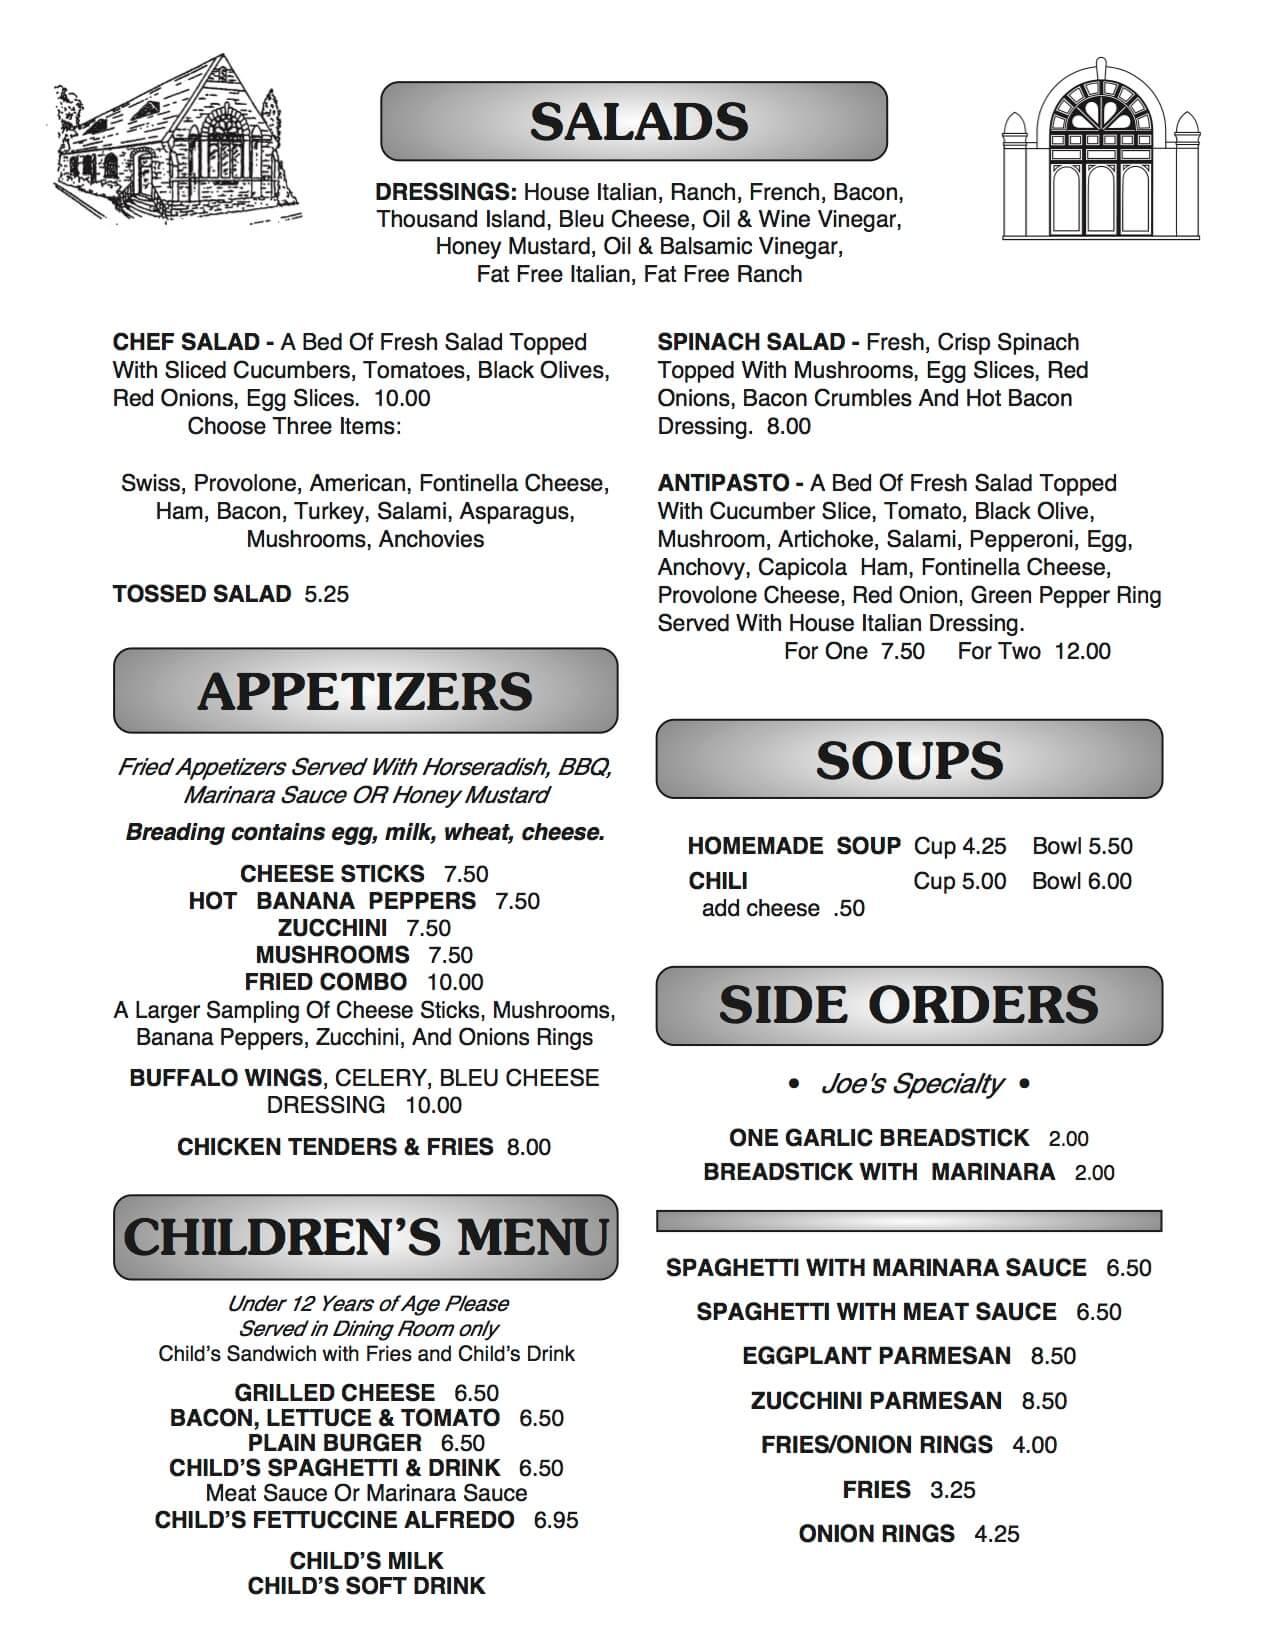 Joe B's menu page 3